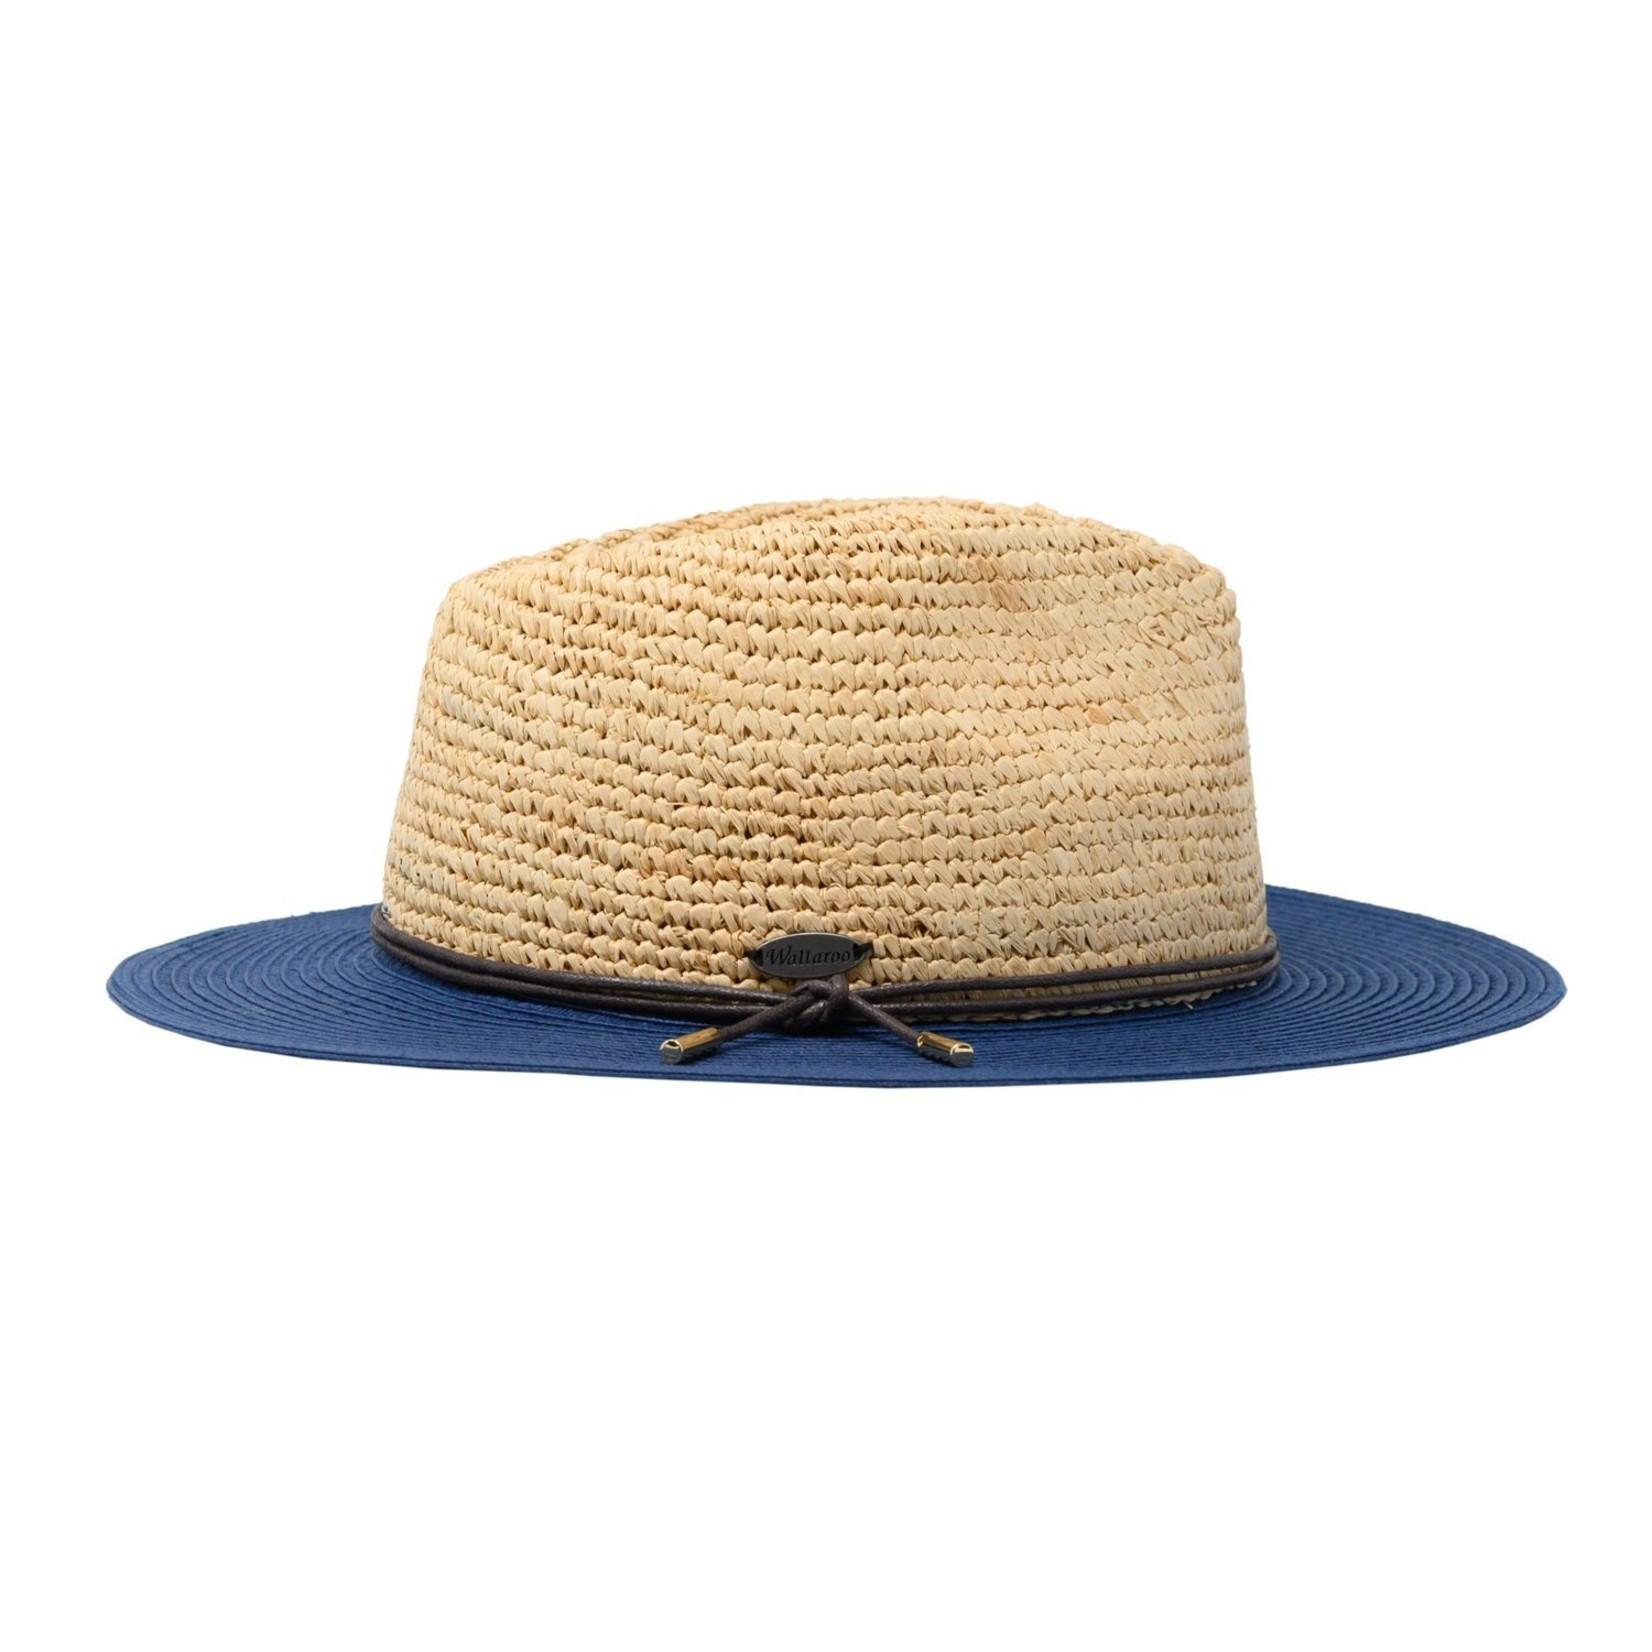 Wallaroo Two-Tone Sun Hat